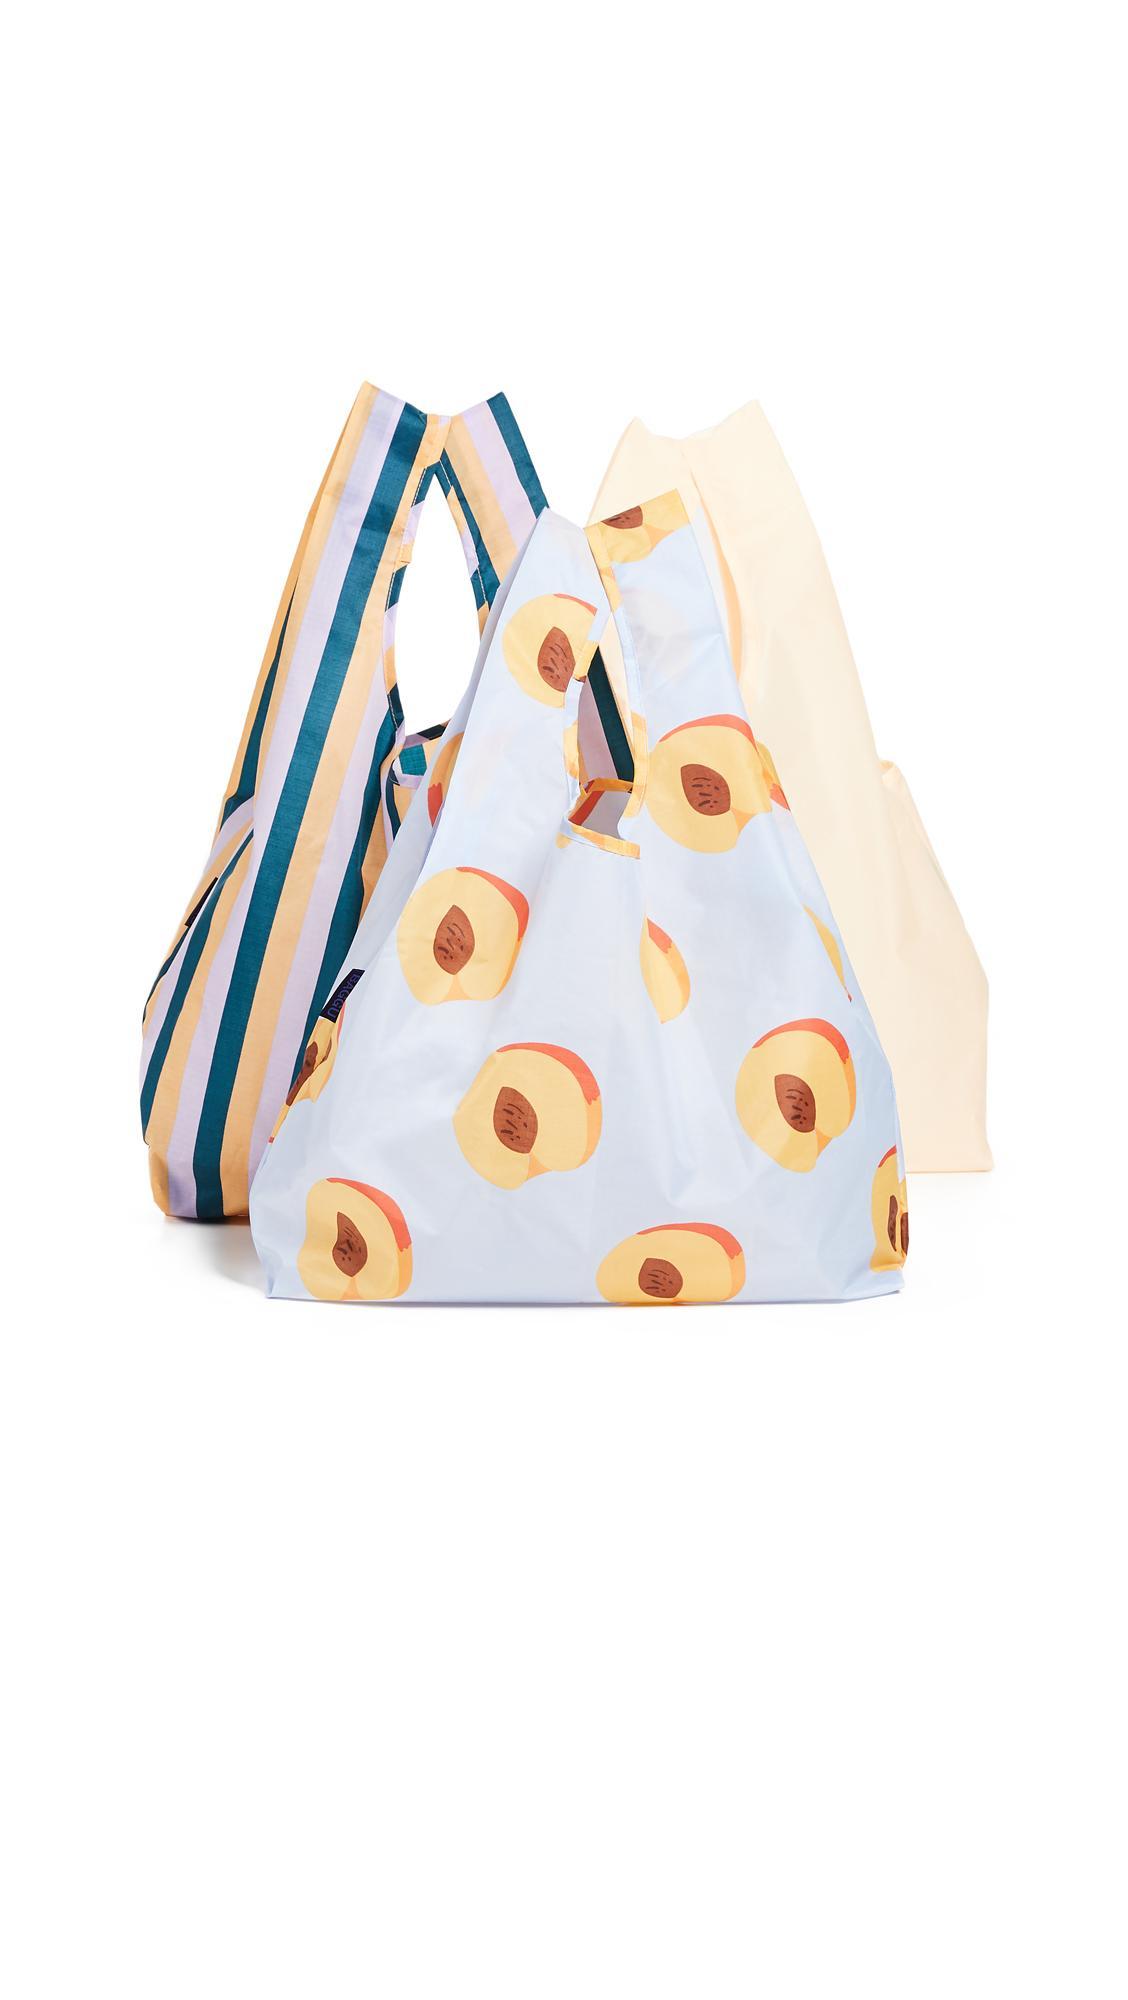 Baggu Standard Packable Bag Triple Set In Peach Electric